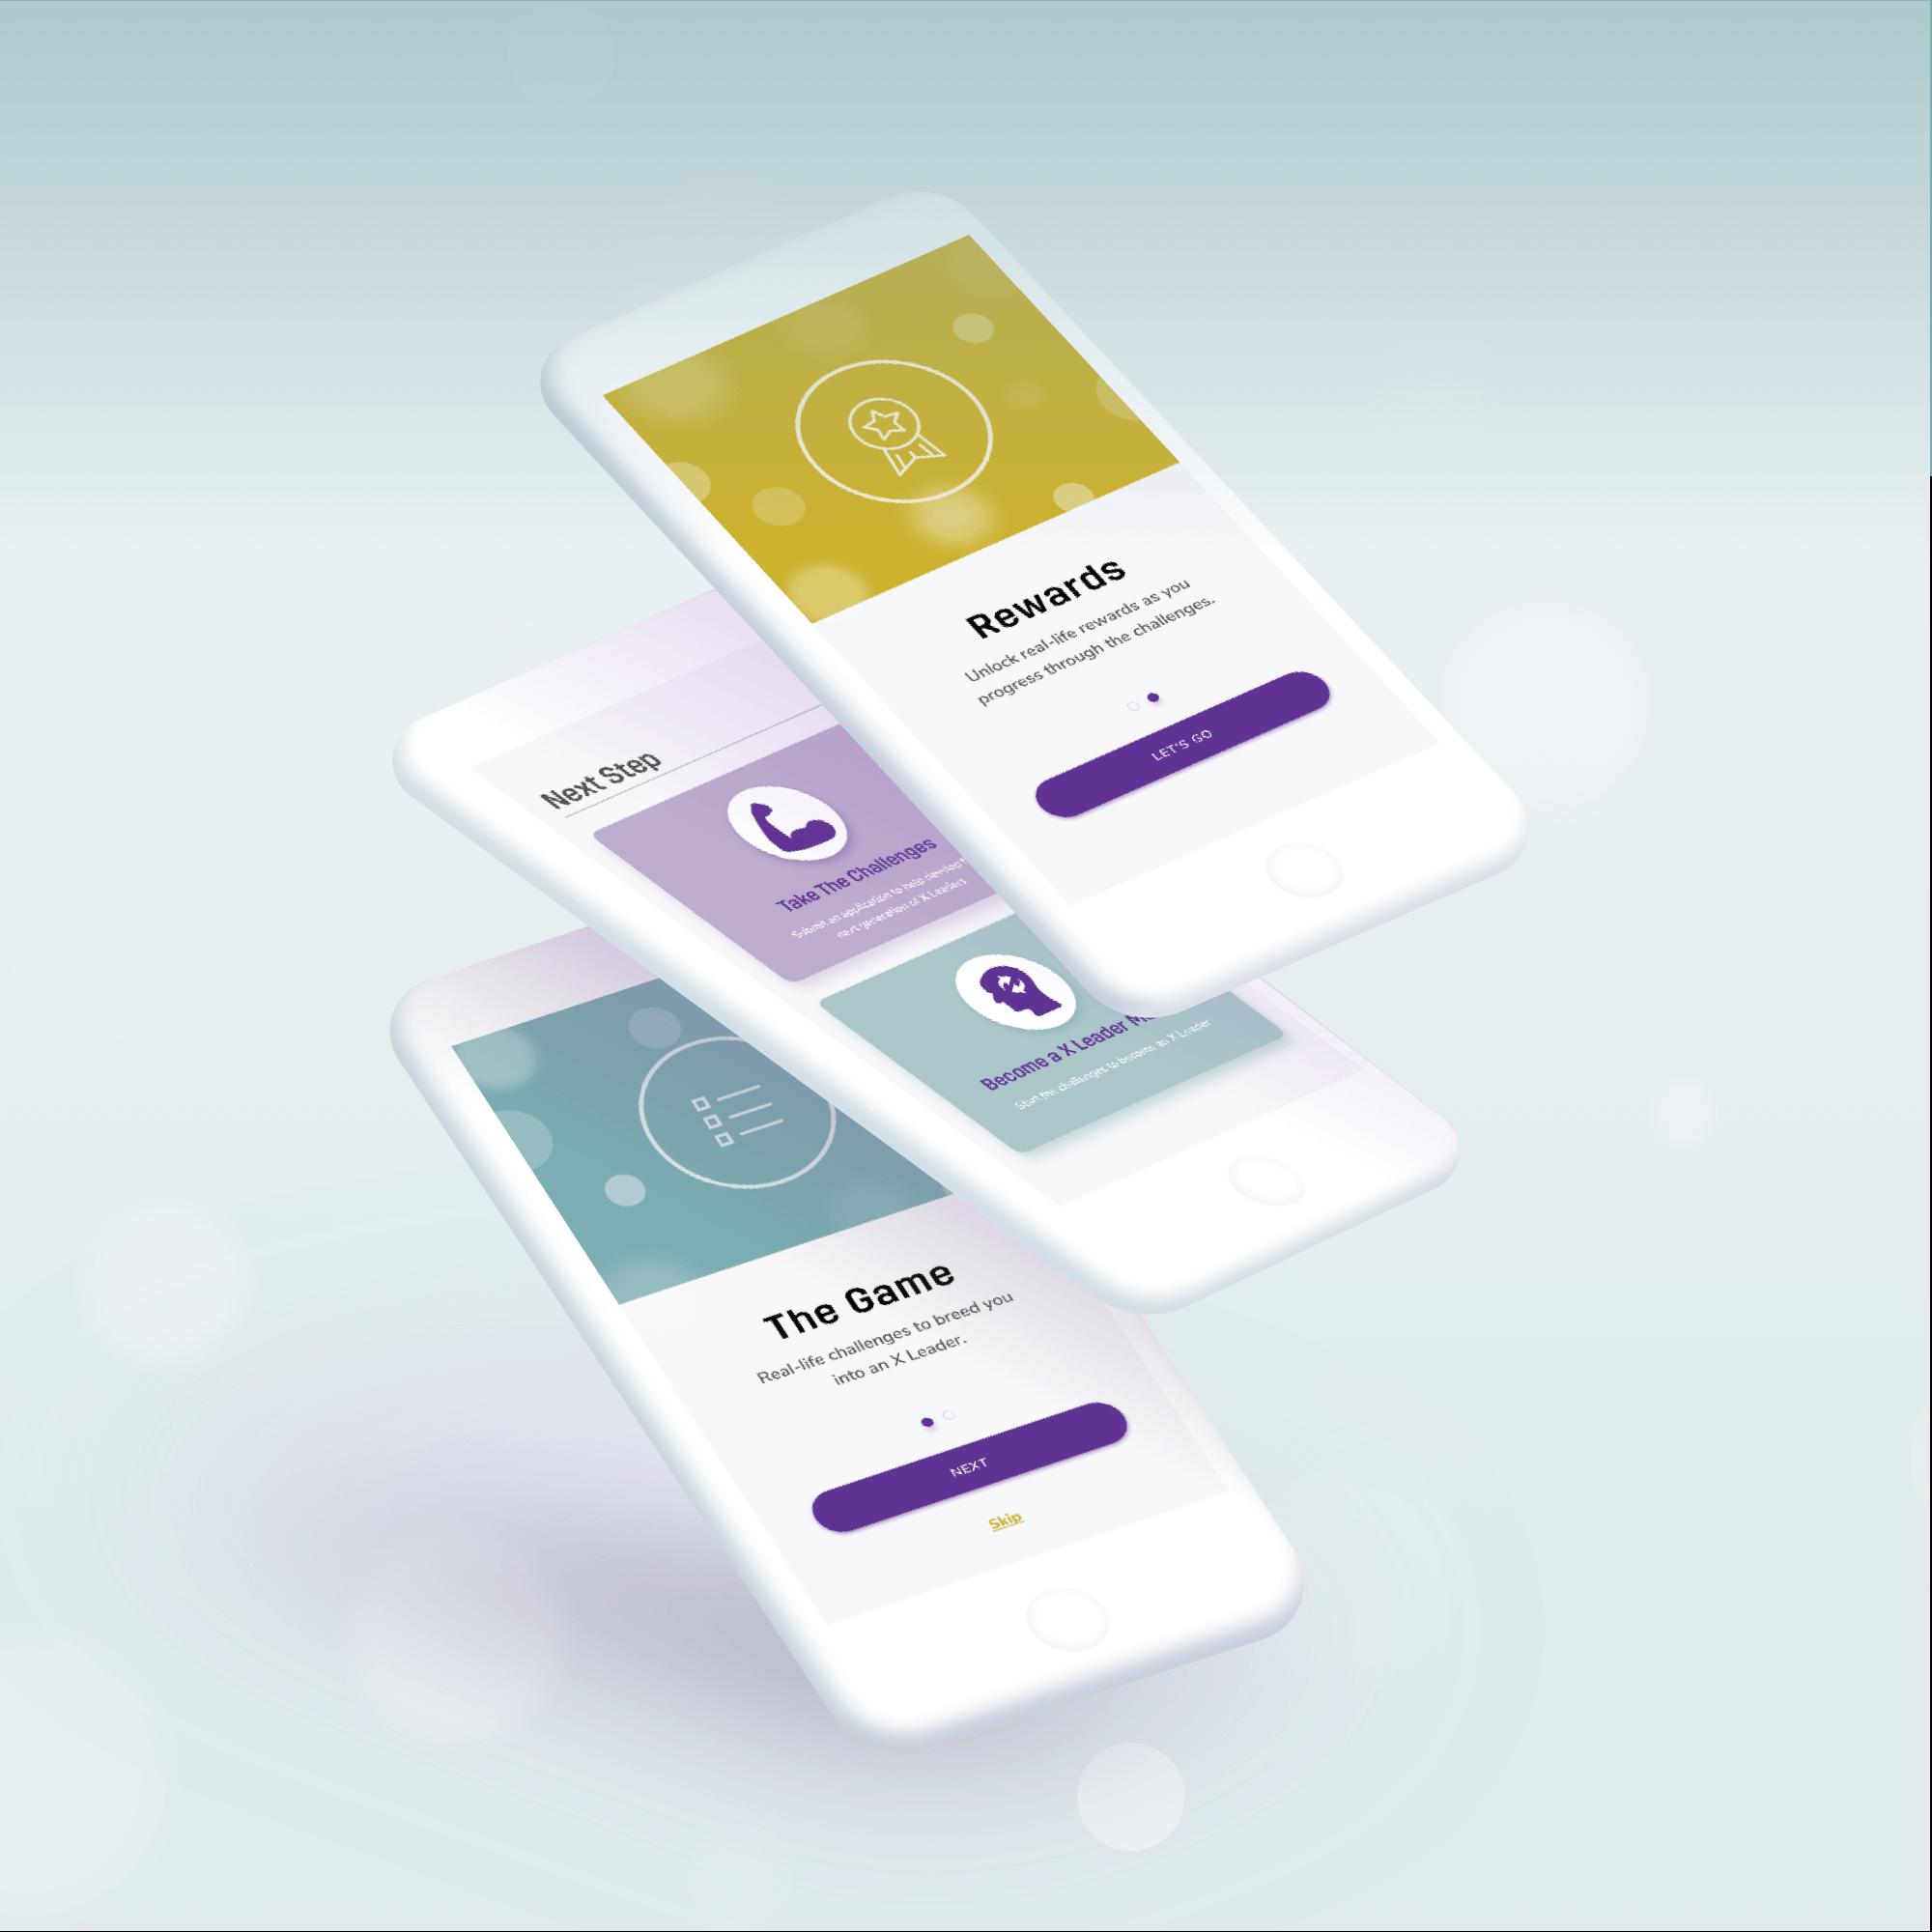 X Leader Website & Mobile Apps